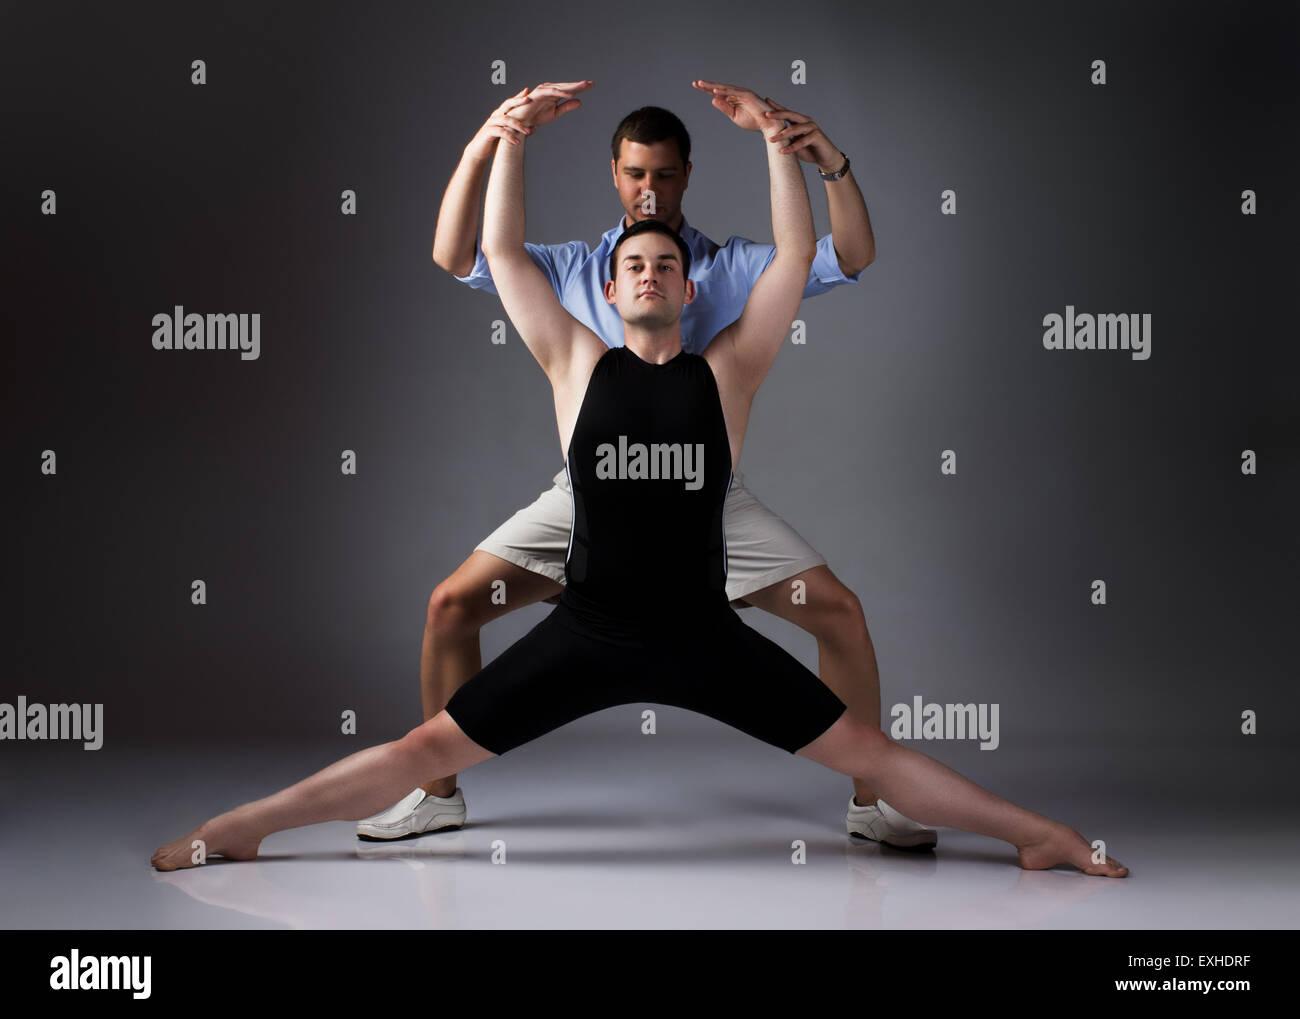 Erwachsene männliche Tänzer trägt ein schwarzes Hemd und Hose und Ballett- Tanzlehrer. Lehrer unterstützt b313c722fb